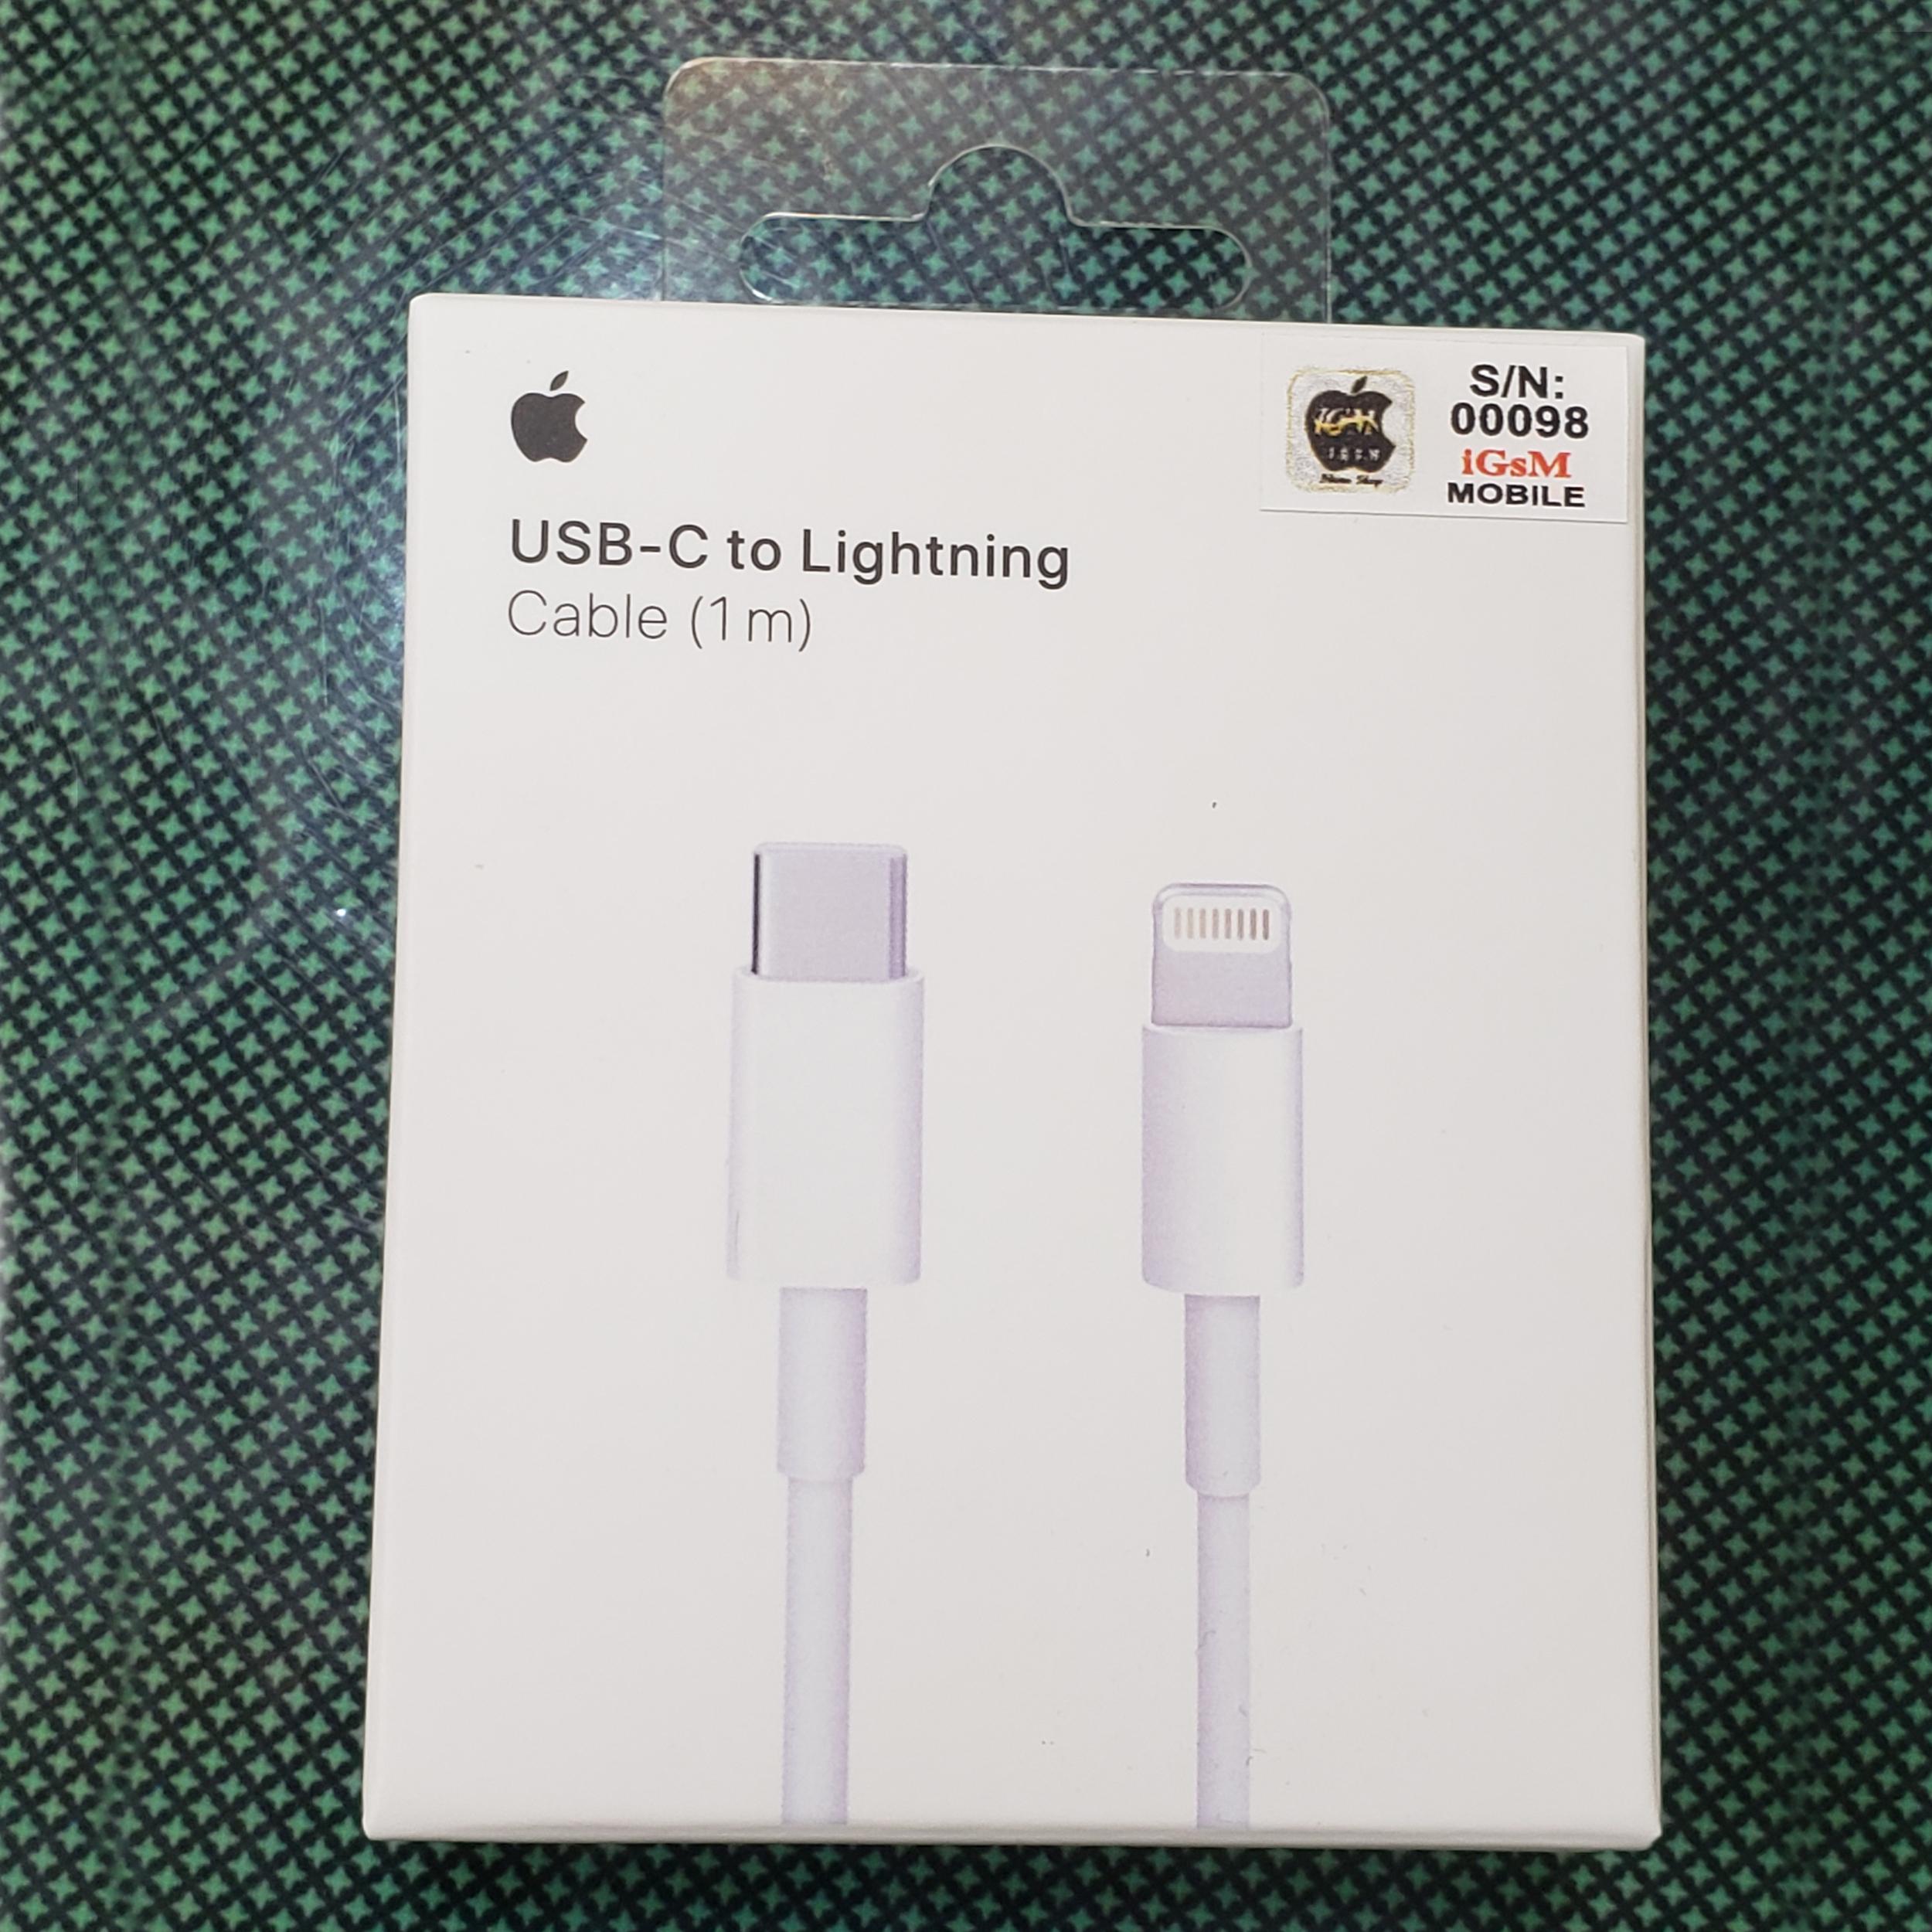 کابل تبدیل USB-C به لایتنینگ مدل MK0X2FE/A A1656 طول 1 متر main 1 7